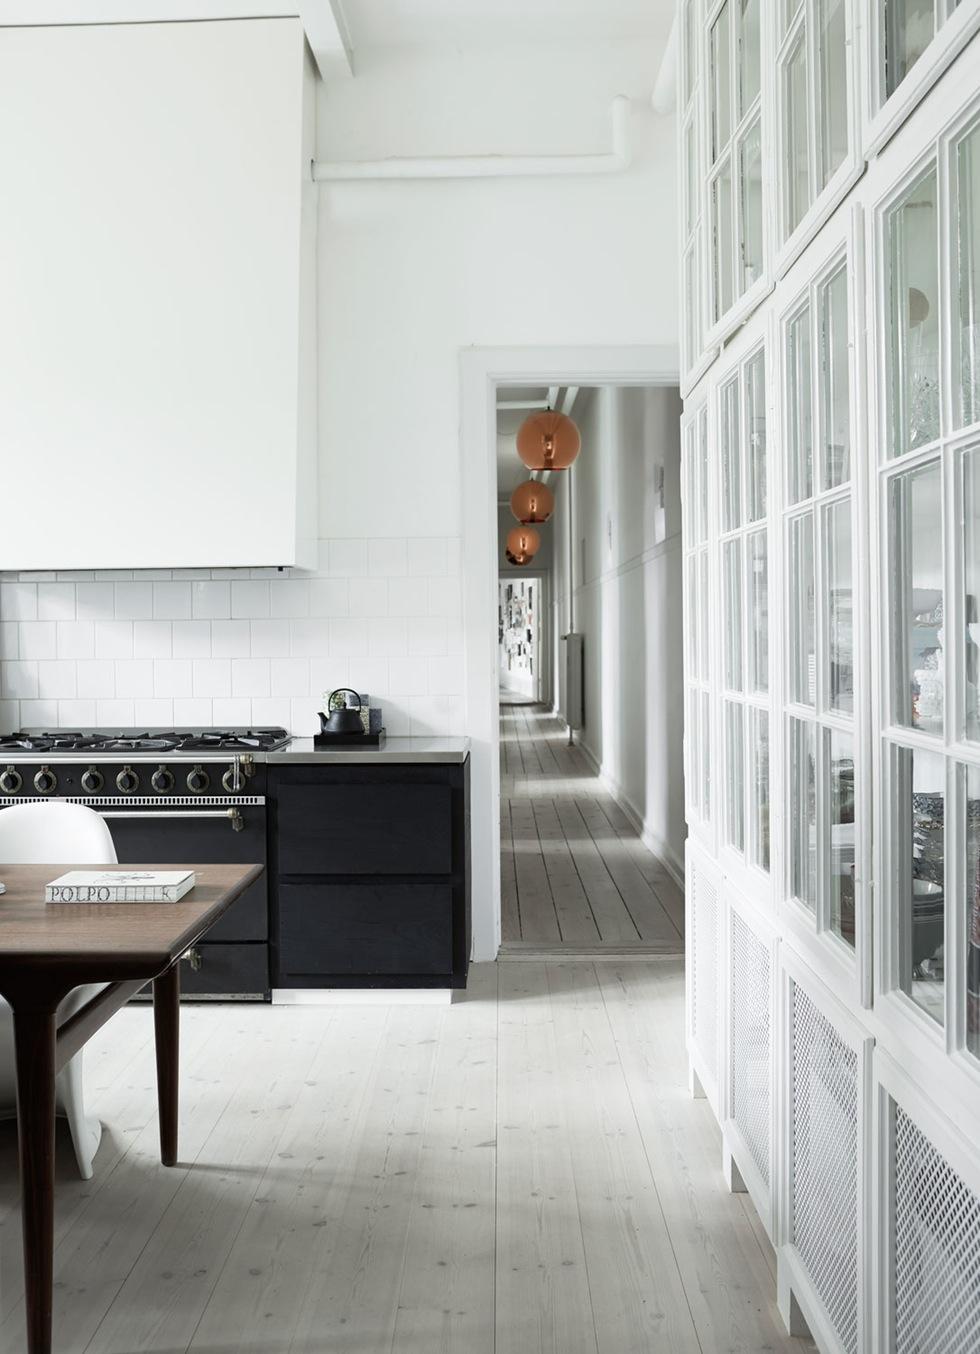 03-interior-design-ideas